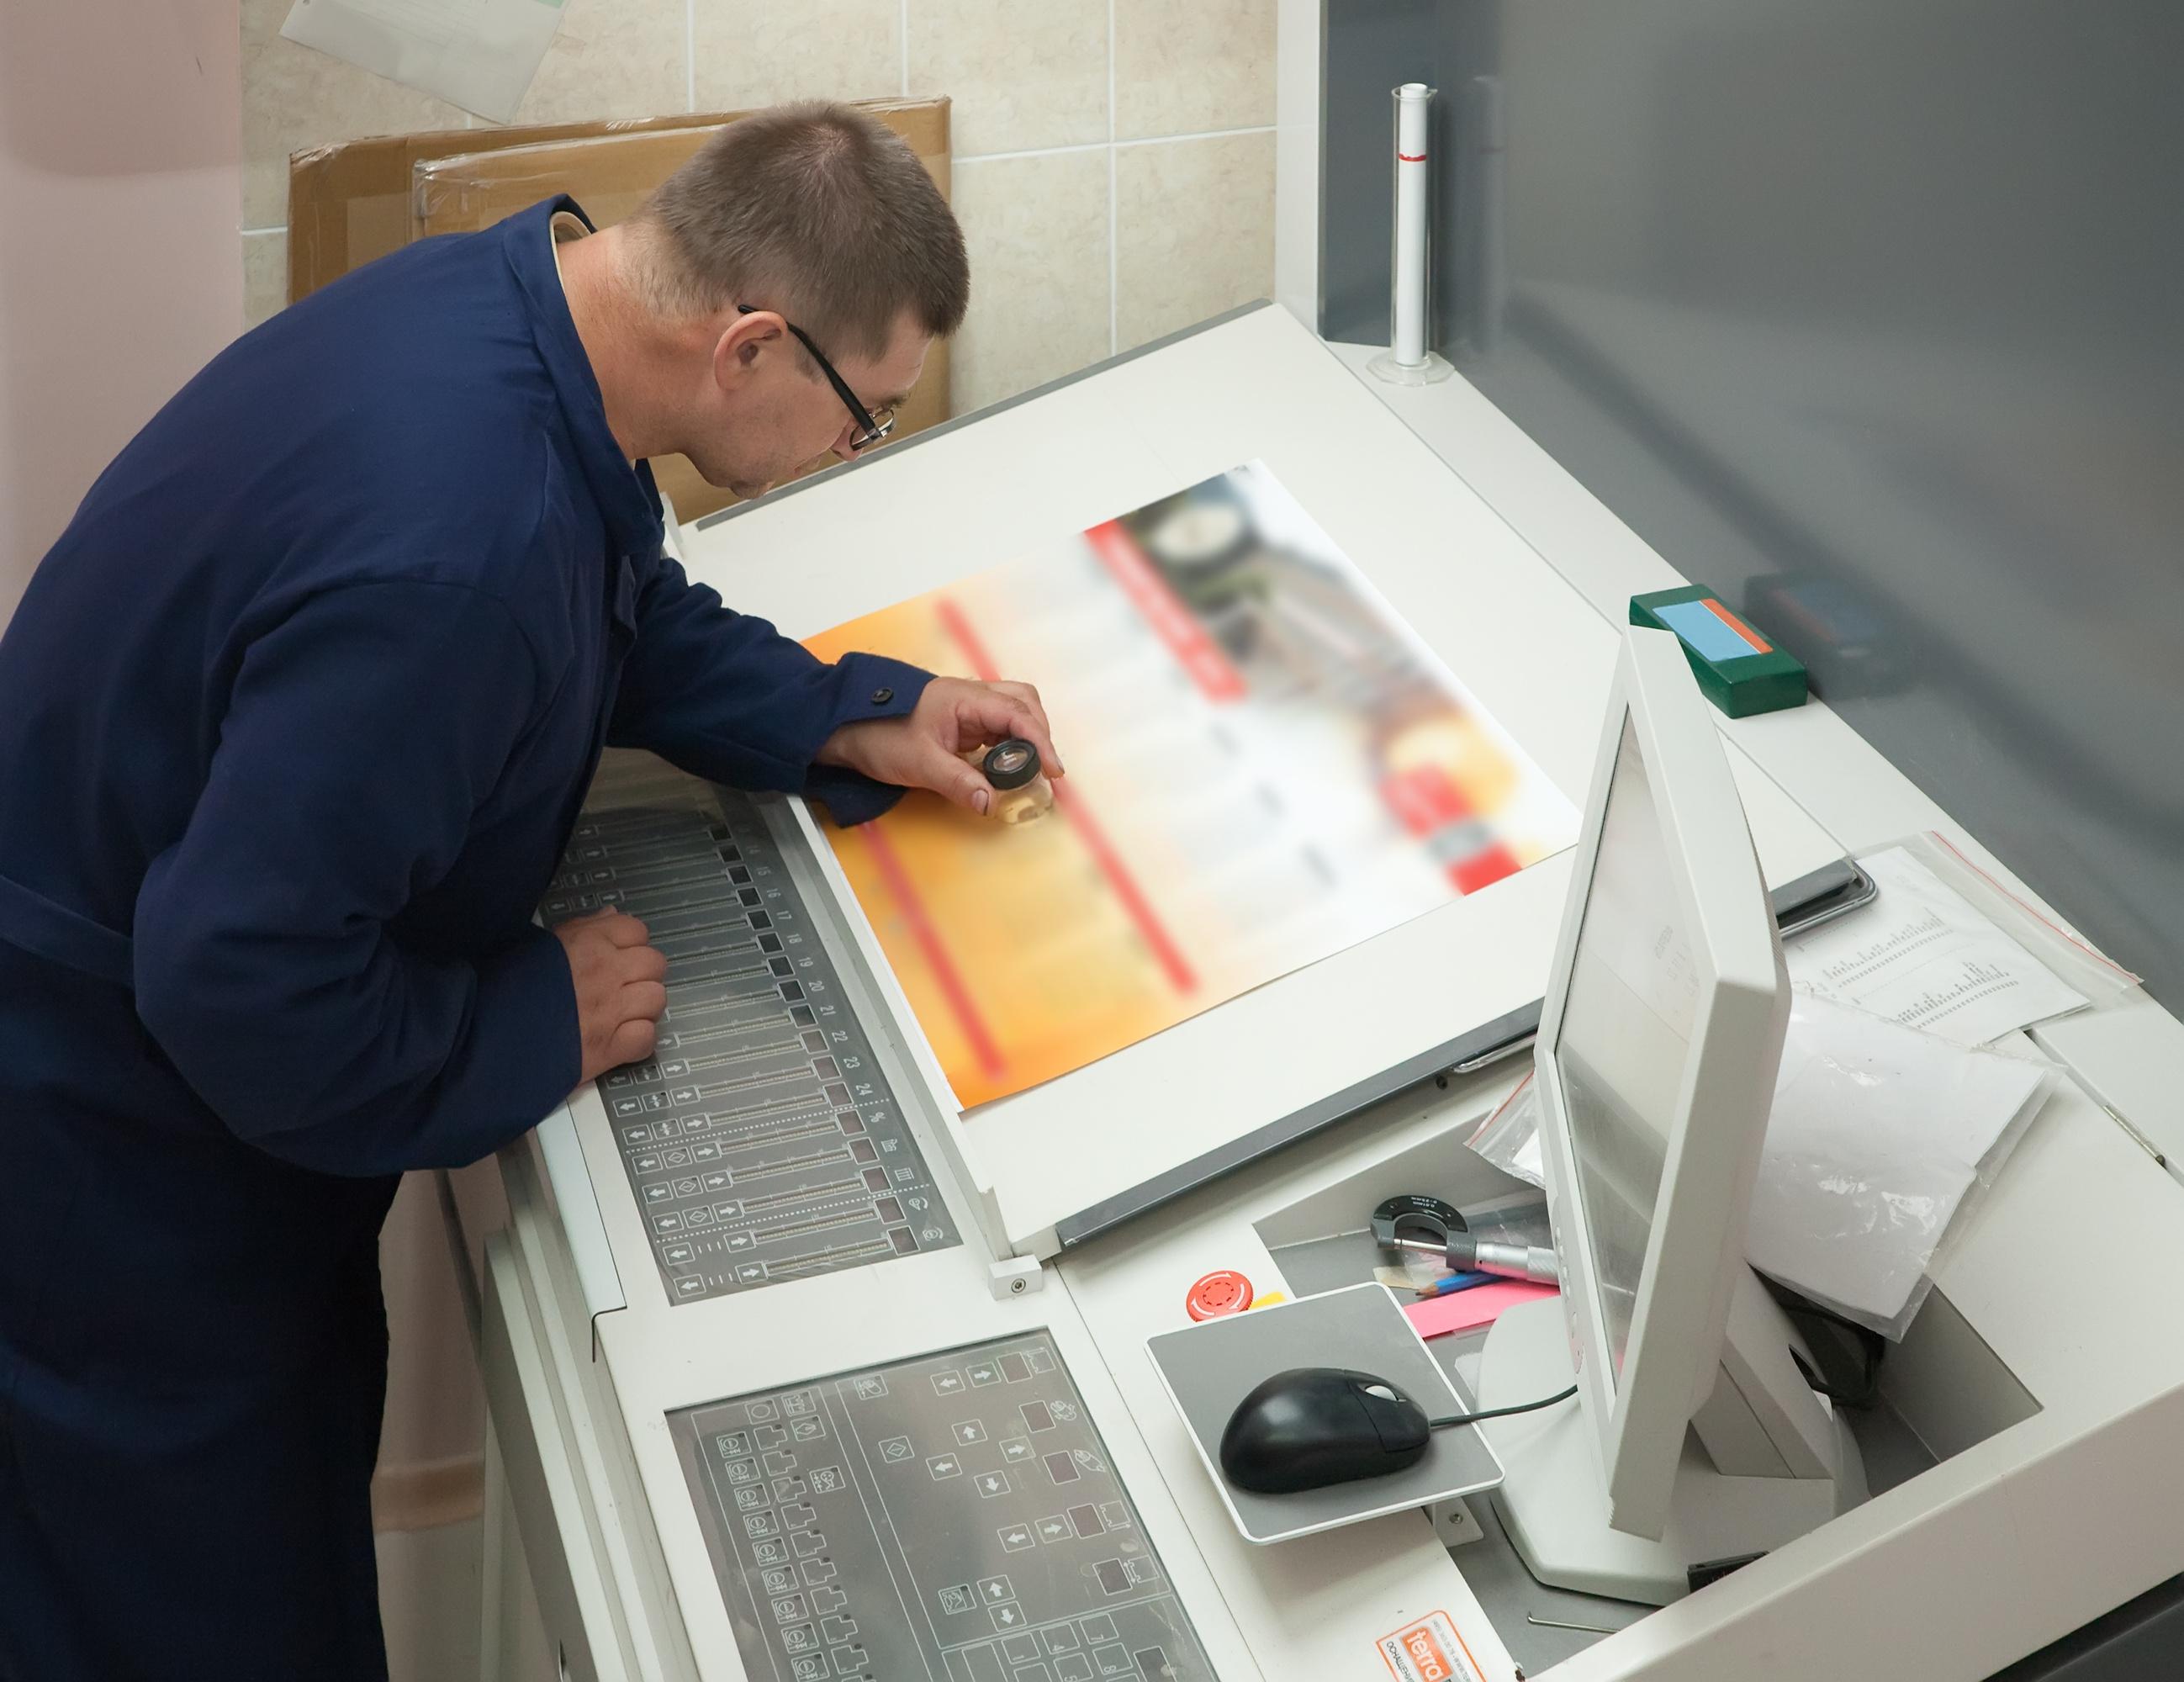 la qualité des produits est garanti, l'imprimerie en ligne est aussi un système d'impression haut de gammeimprimer des panneaux pour agence immobilières, des panneaux de chantiers, des banderoles  sur la Rochelle en charente maritime avec l'imprimerie en ligne www.impression-ing.fr